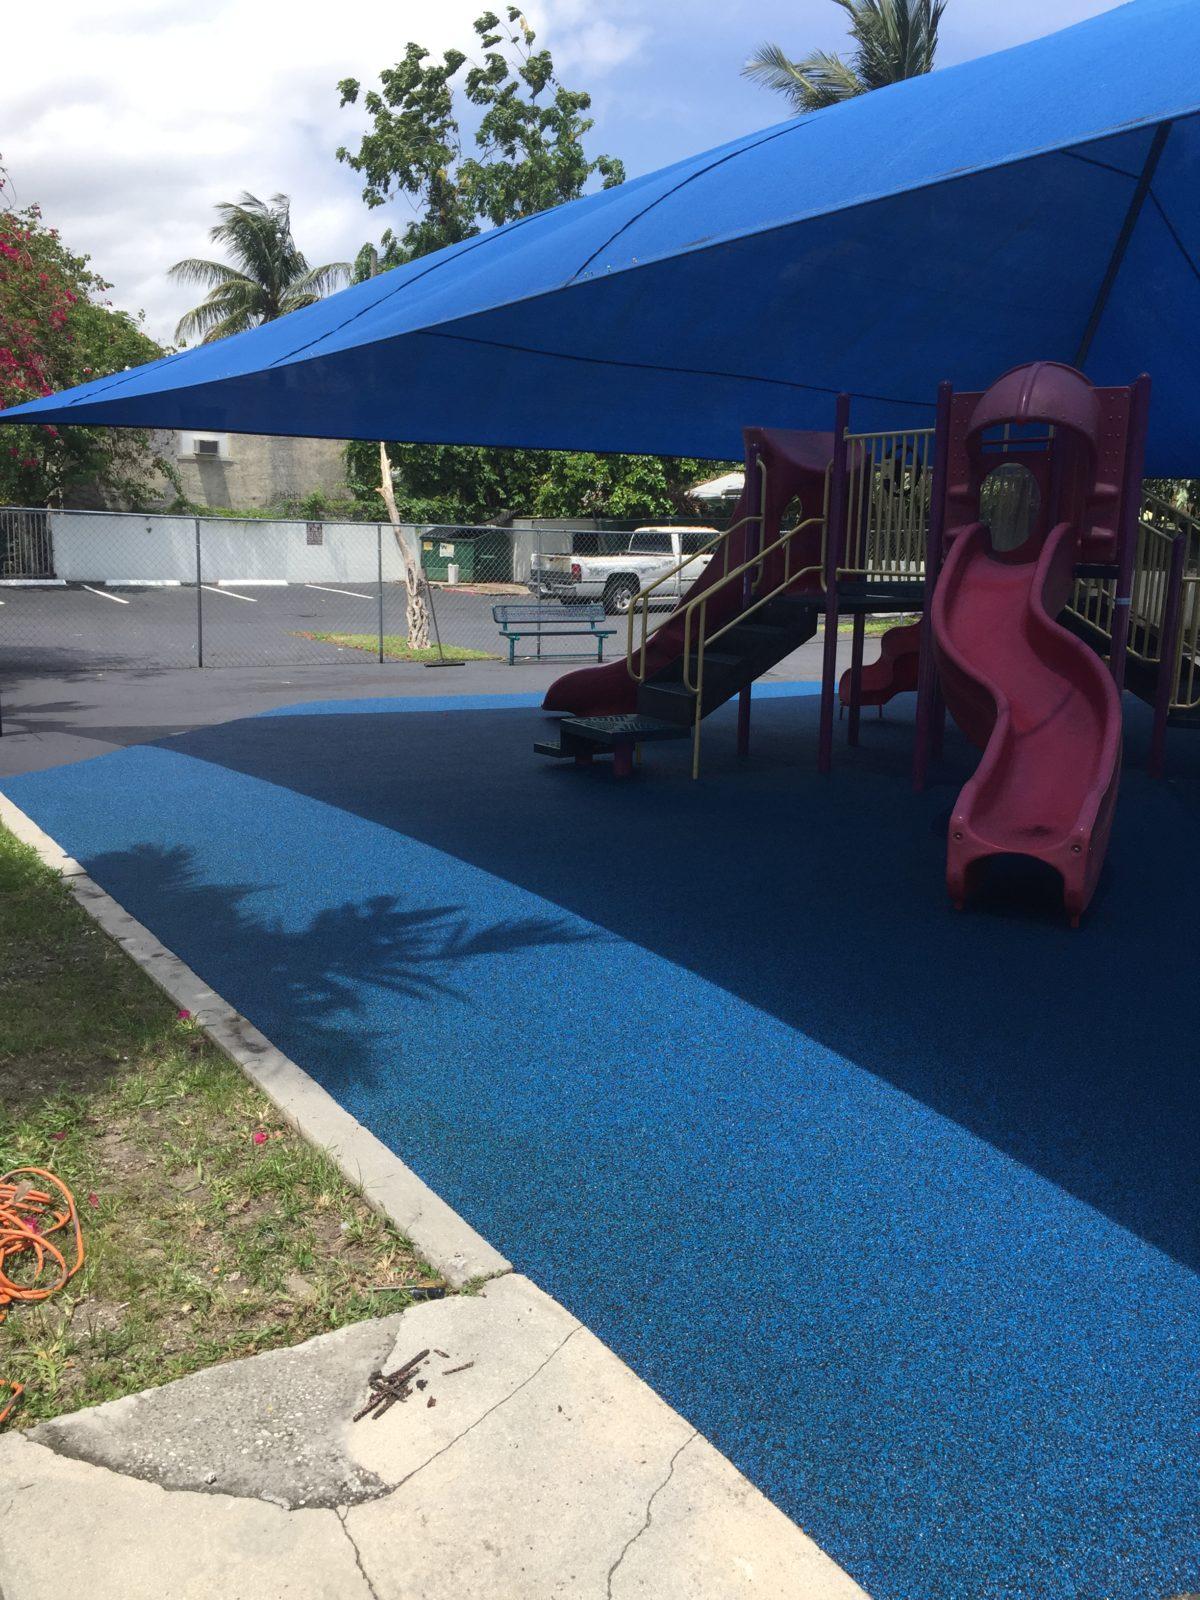 Miami Florida Playground Surfacing 5